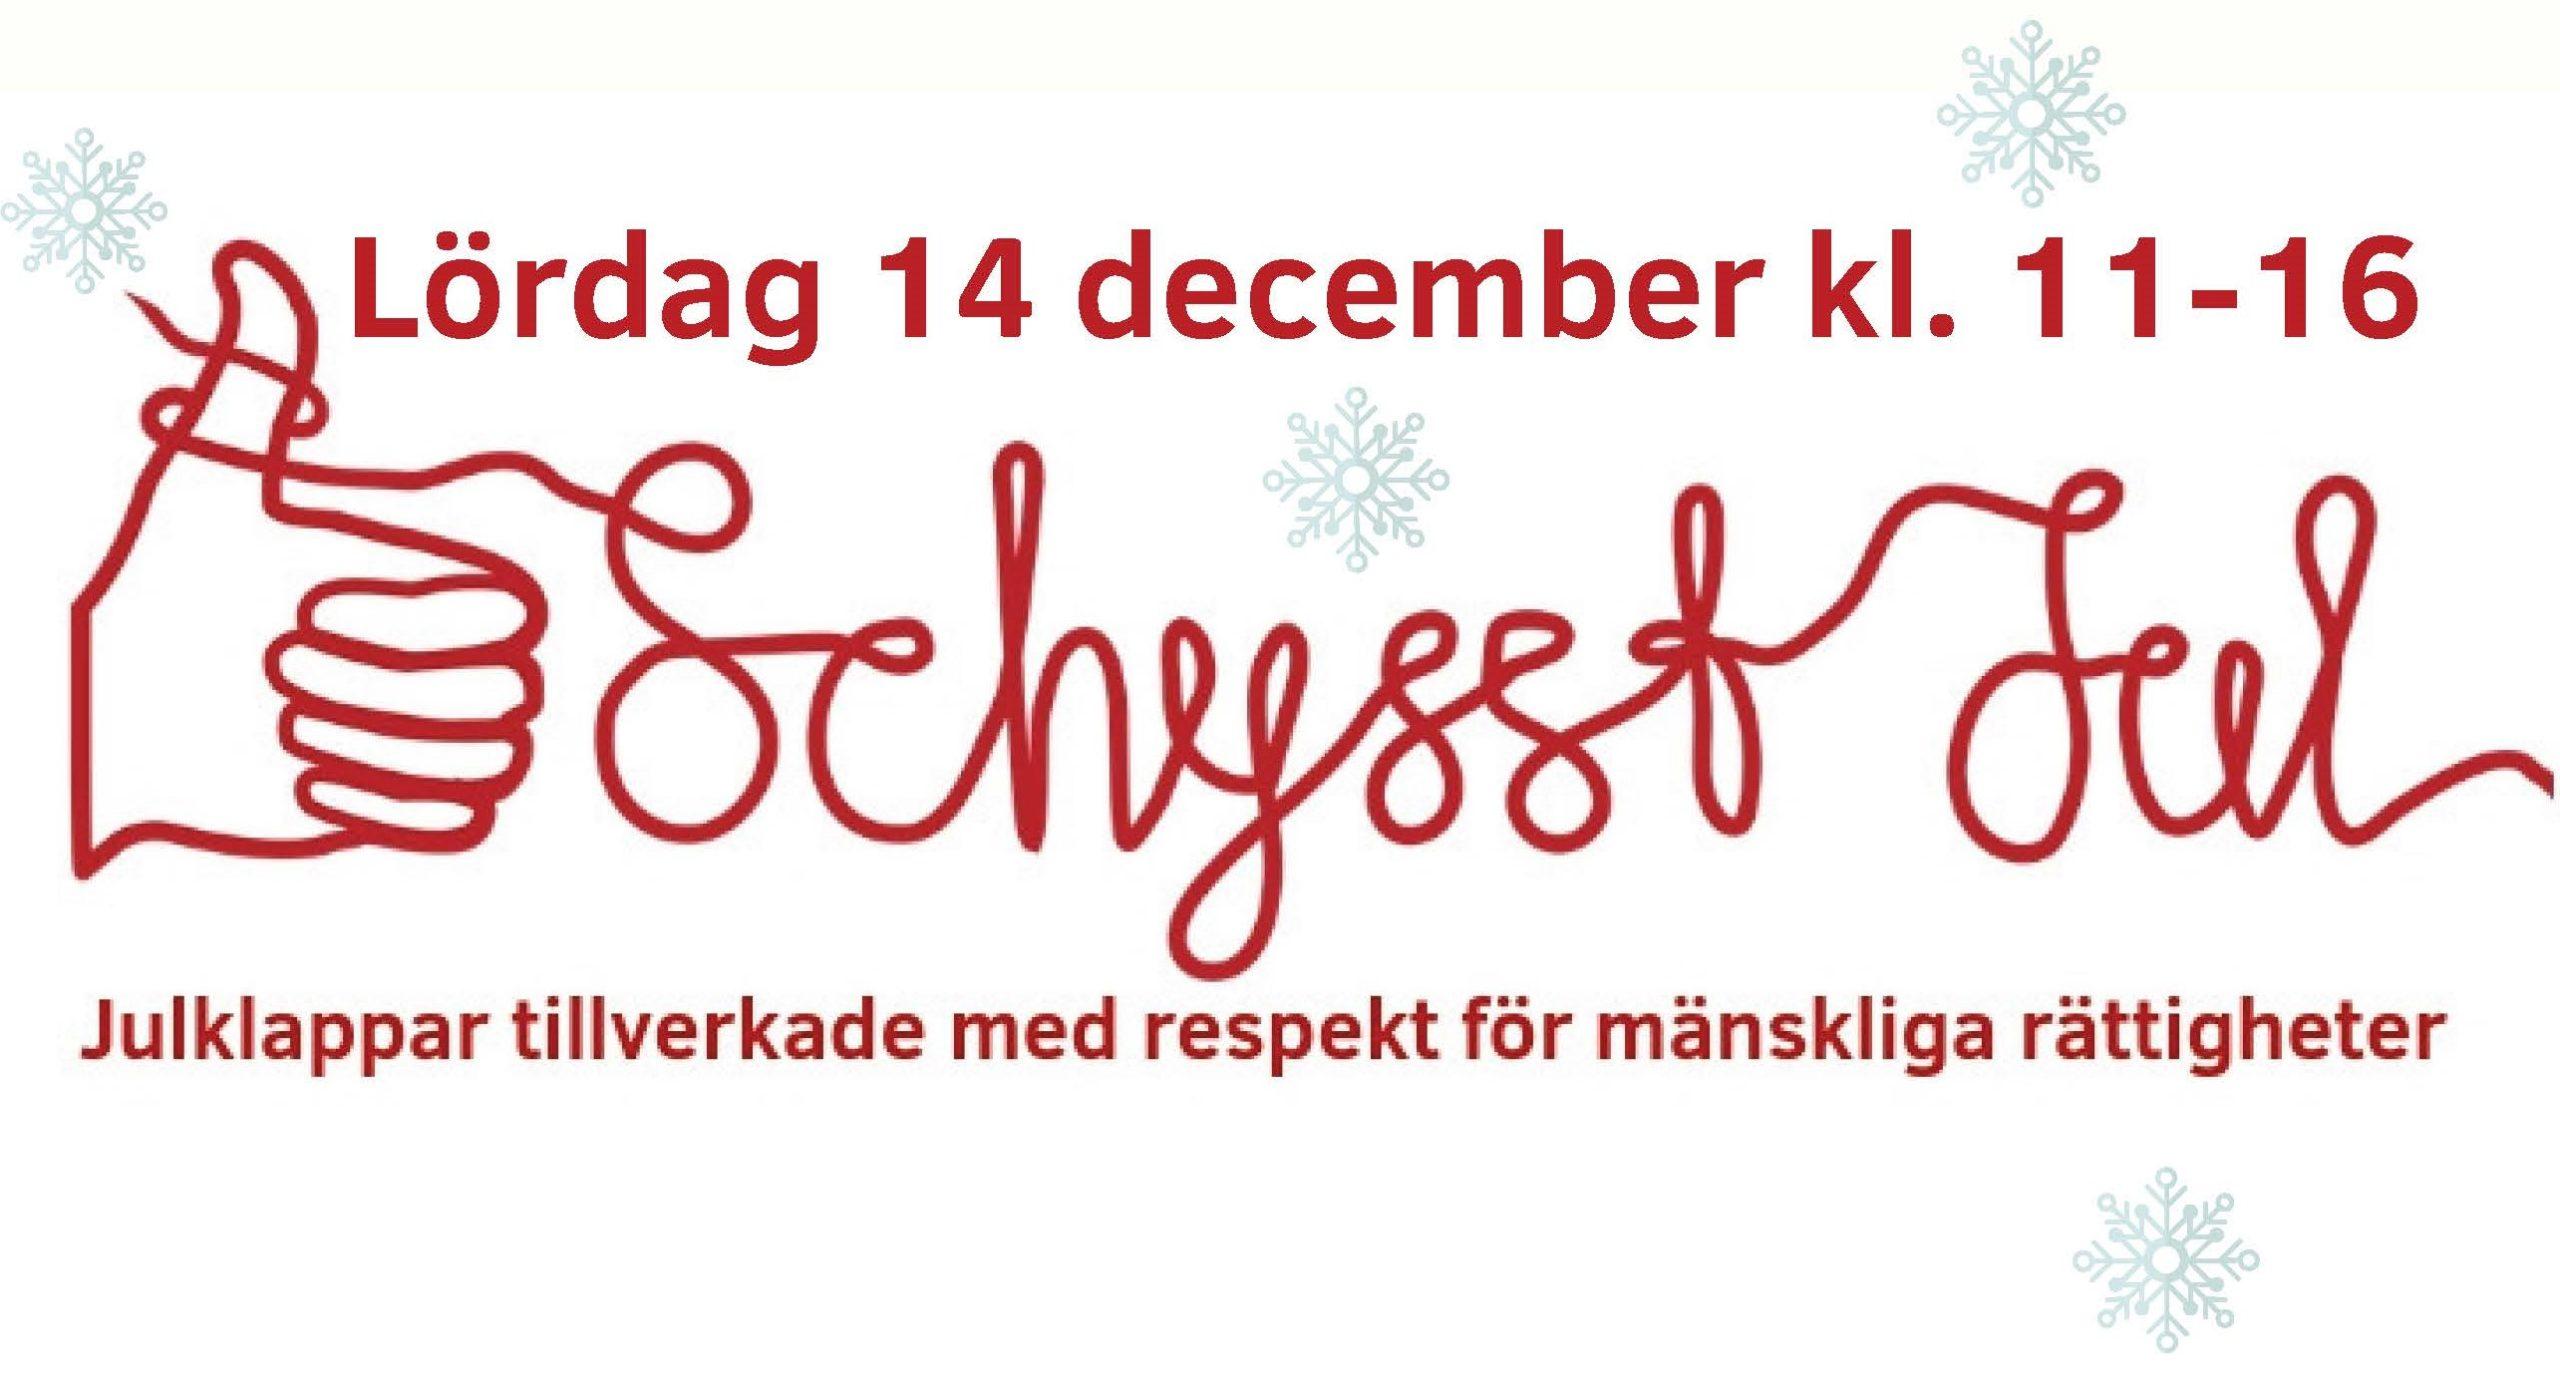 Schysst jul i Uppsala